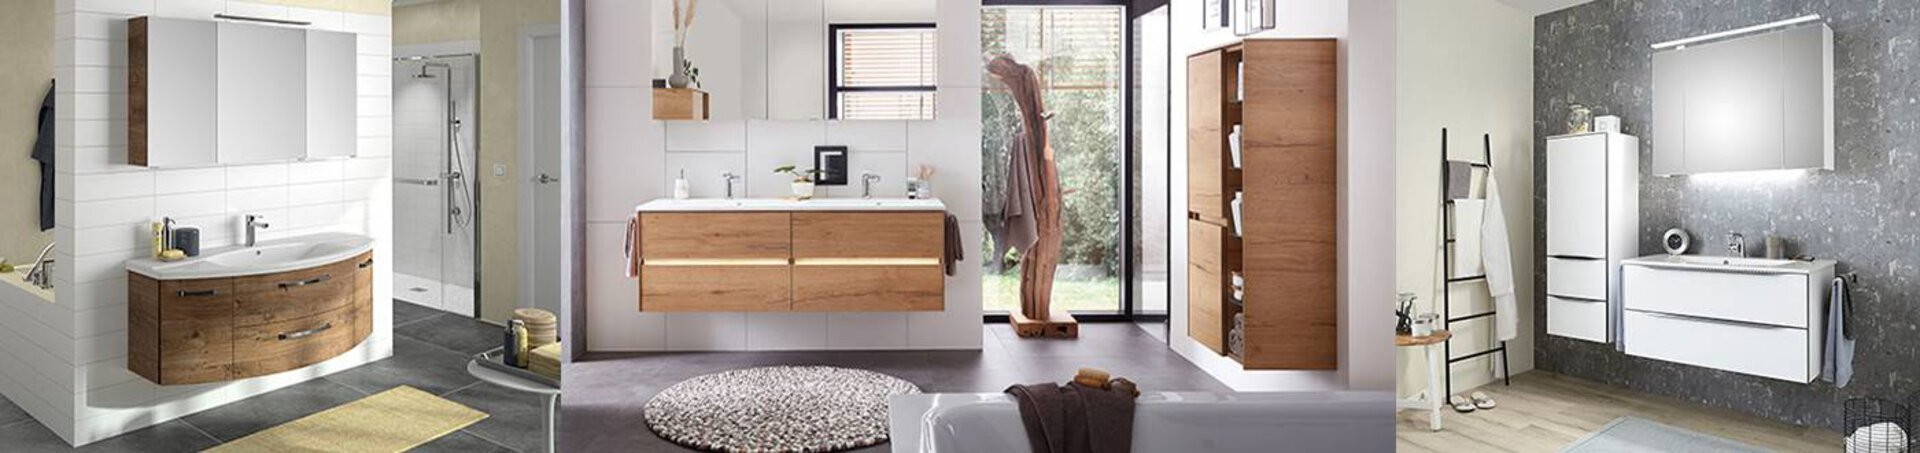 Titel-Banner-Bild zu Möbel-Gütepass - Badezimmer